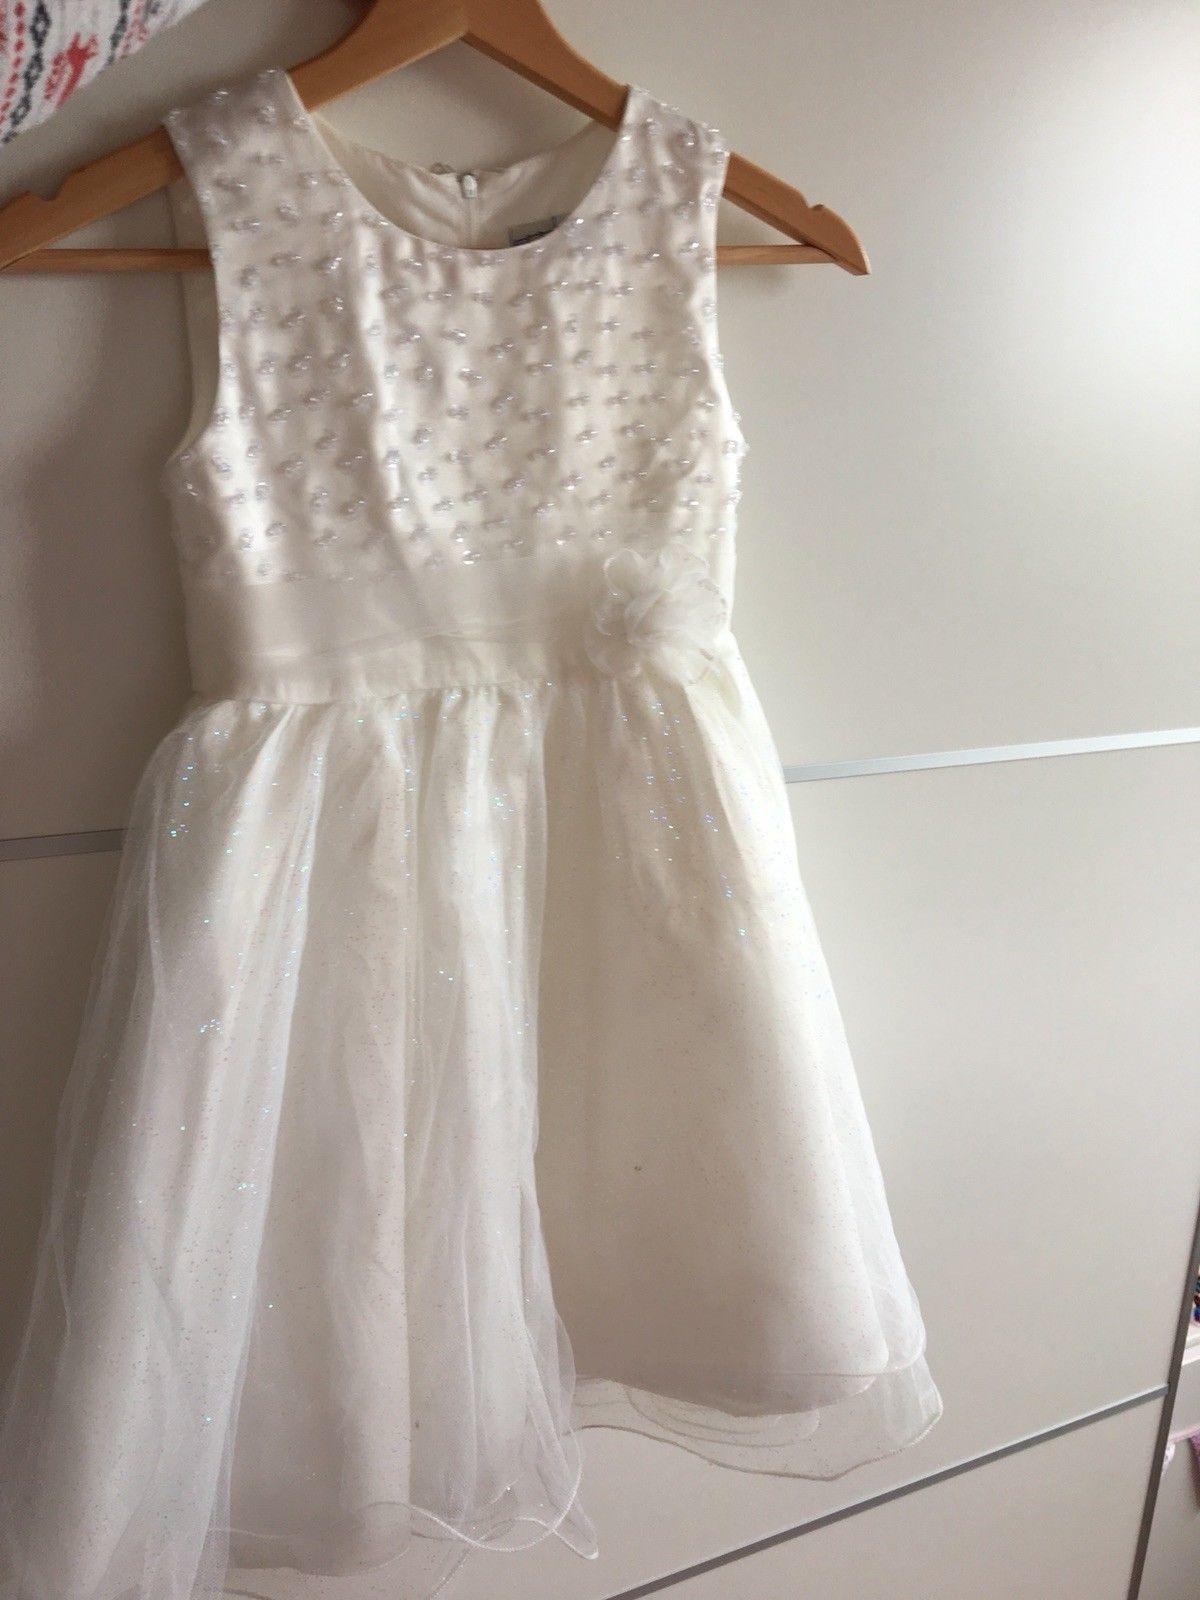 Formal Schön Kleid Weiß Glitzer für 2019 Schön Kleid Weiß Glitzer Stylish